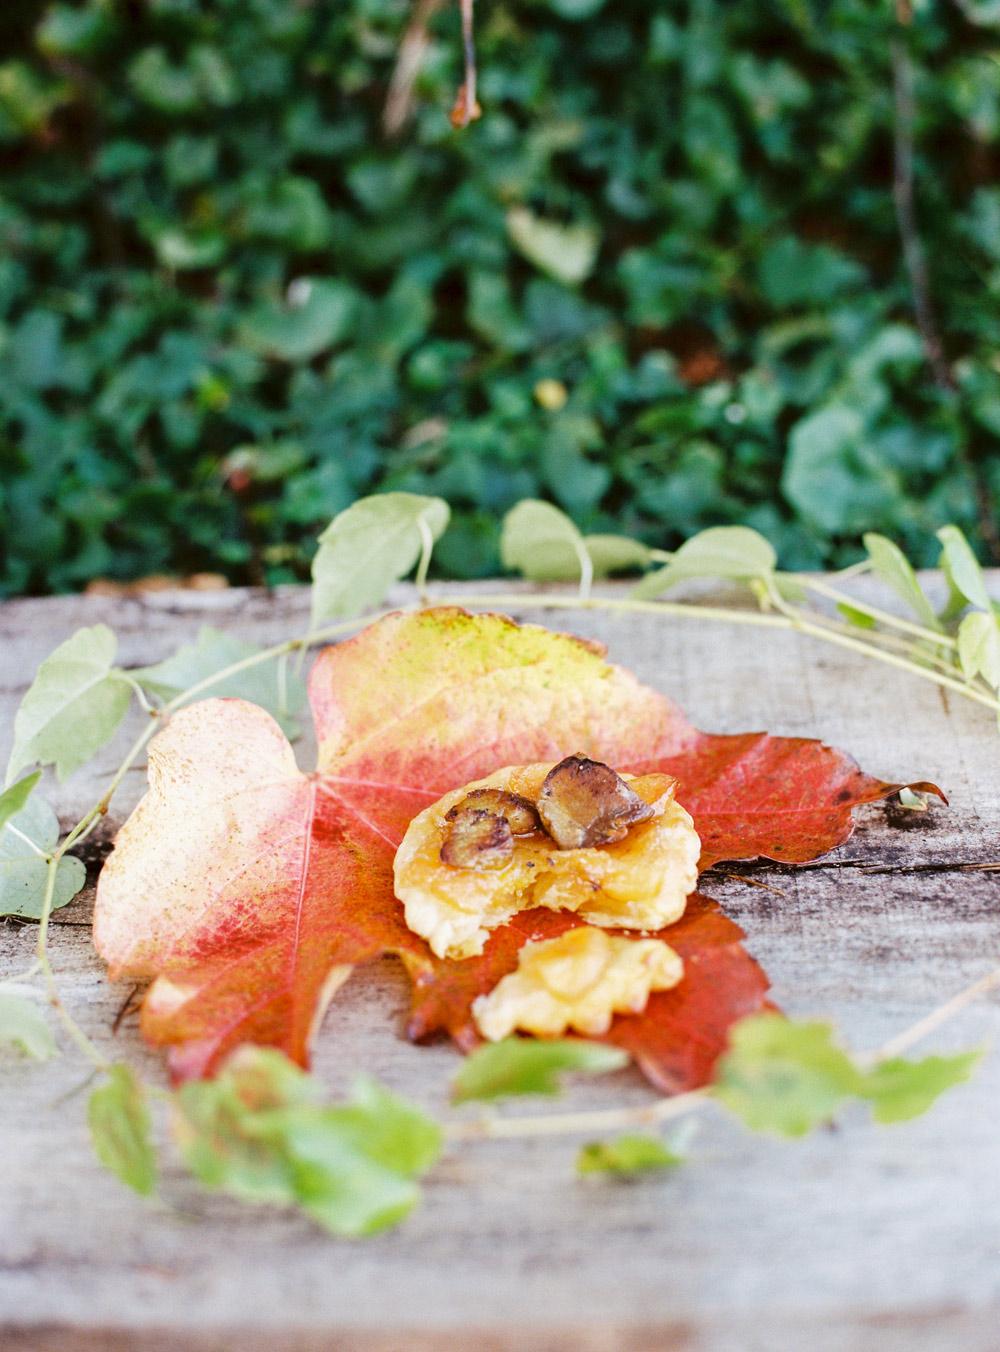 Blanccoco_photographe_styliste_culinaire_tatin_coing_foie_gras-135